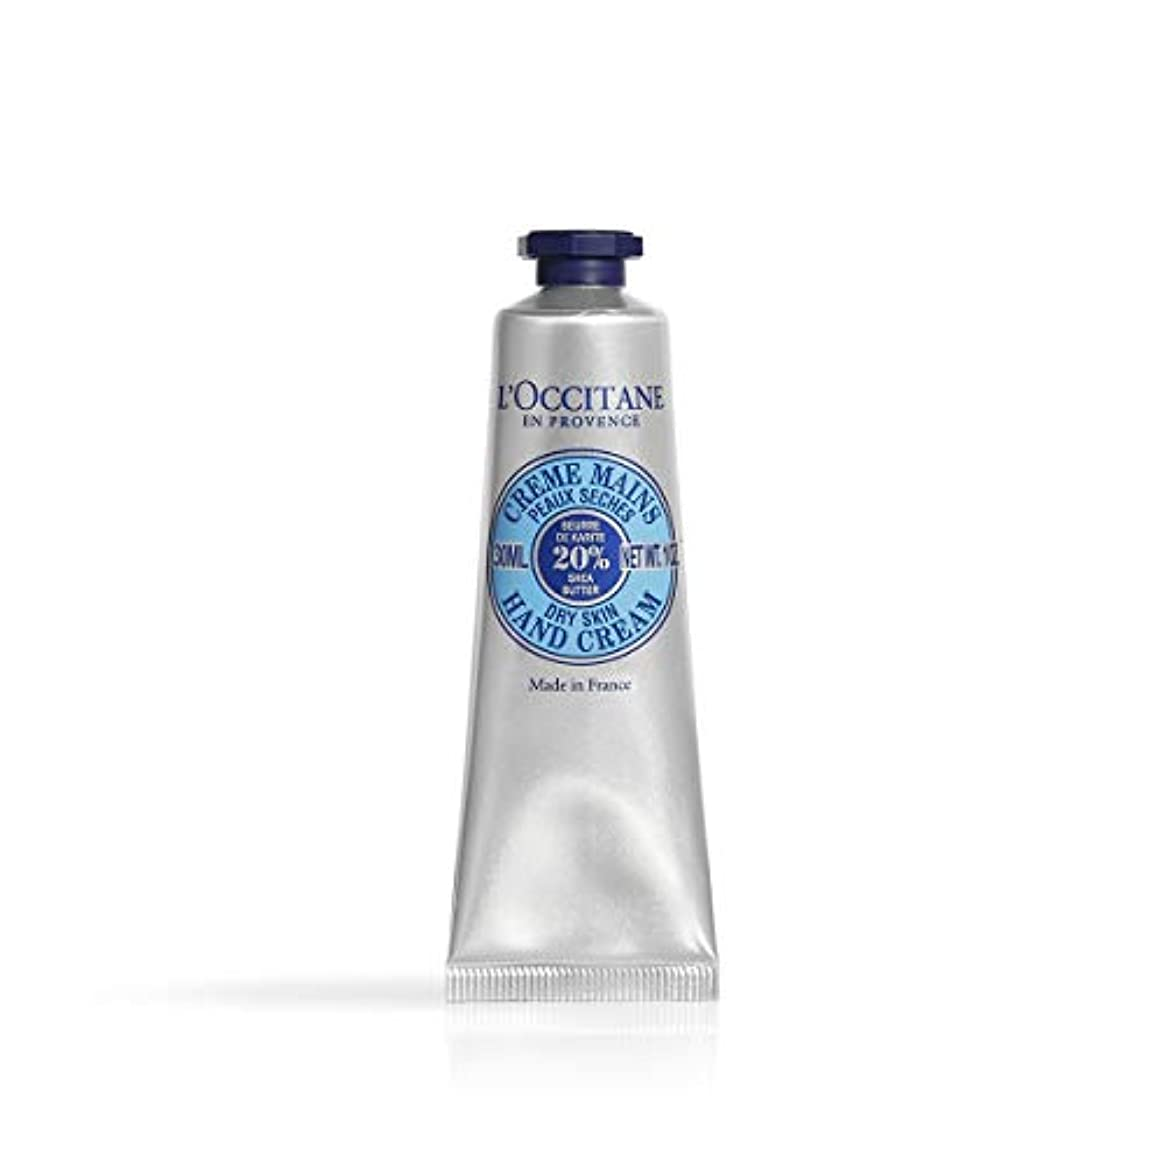 無効スピーカー浮くロクシタン(L'OCCITANE) シア ハンドクリーム 30ml